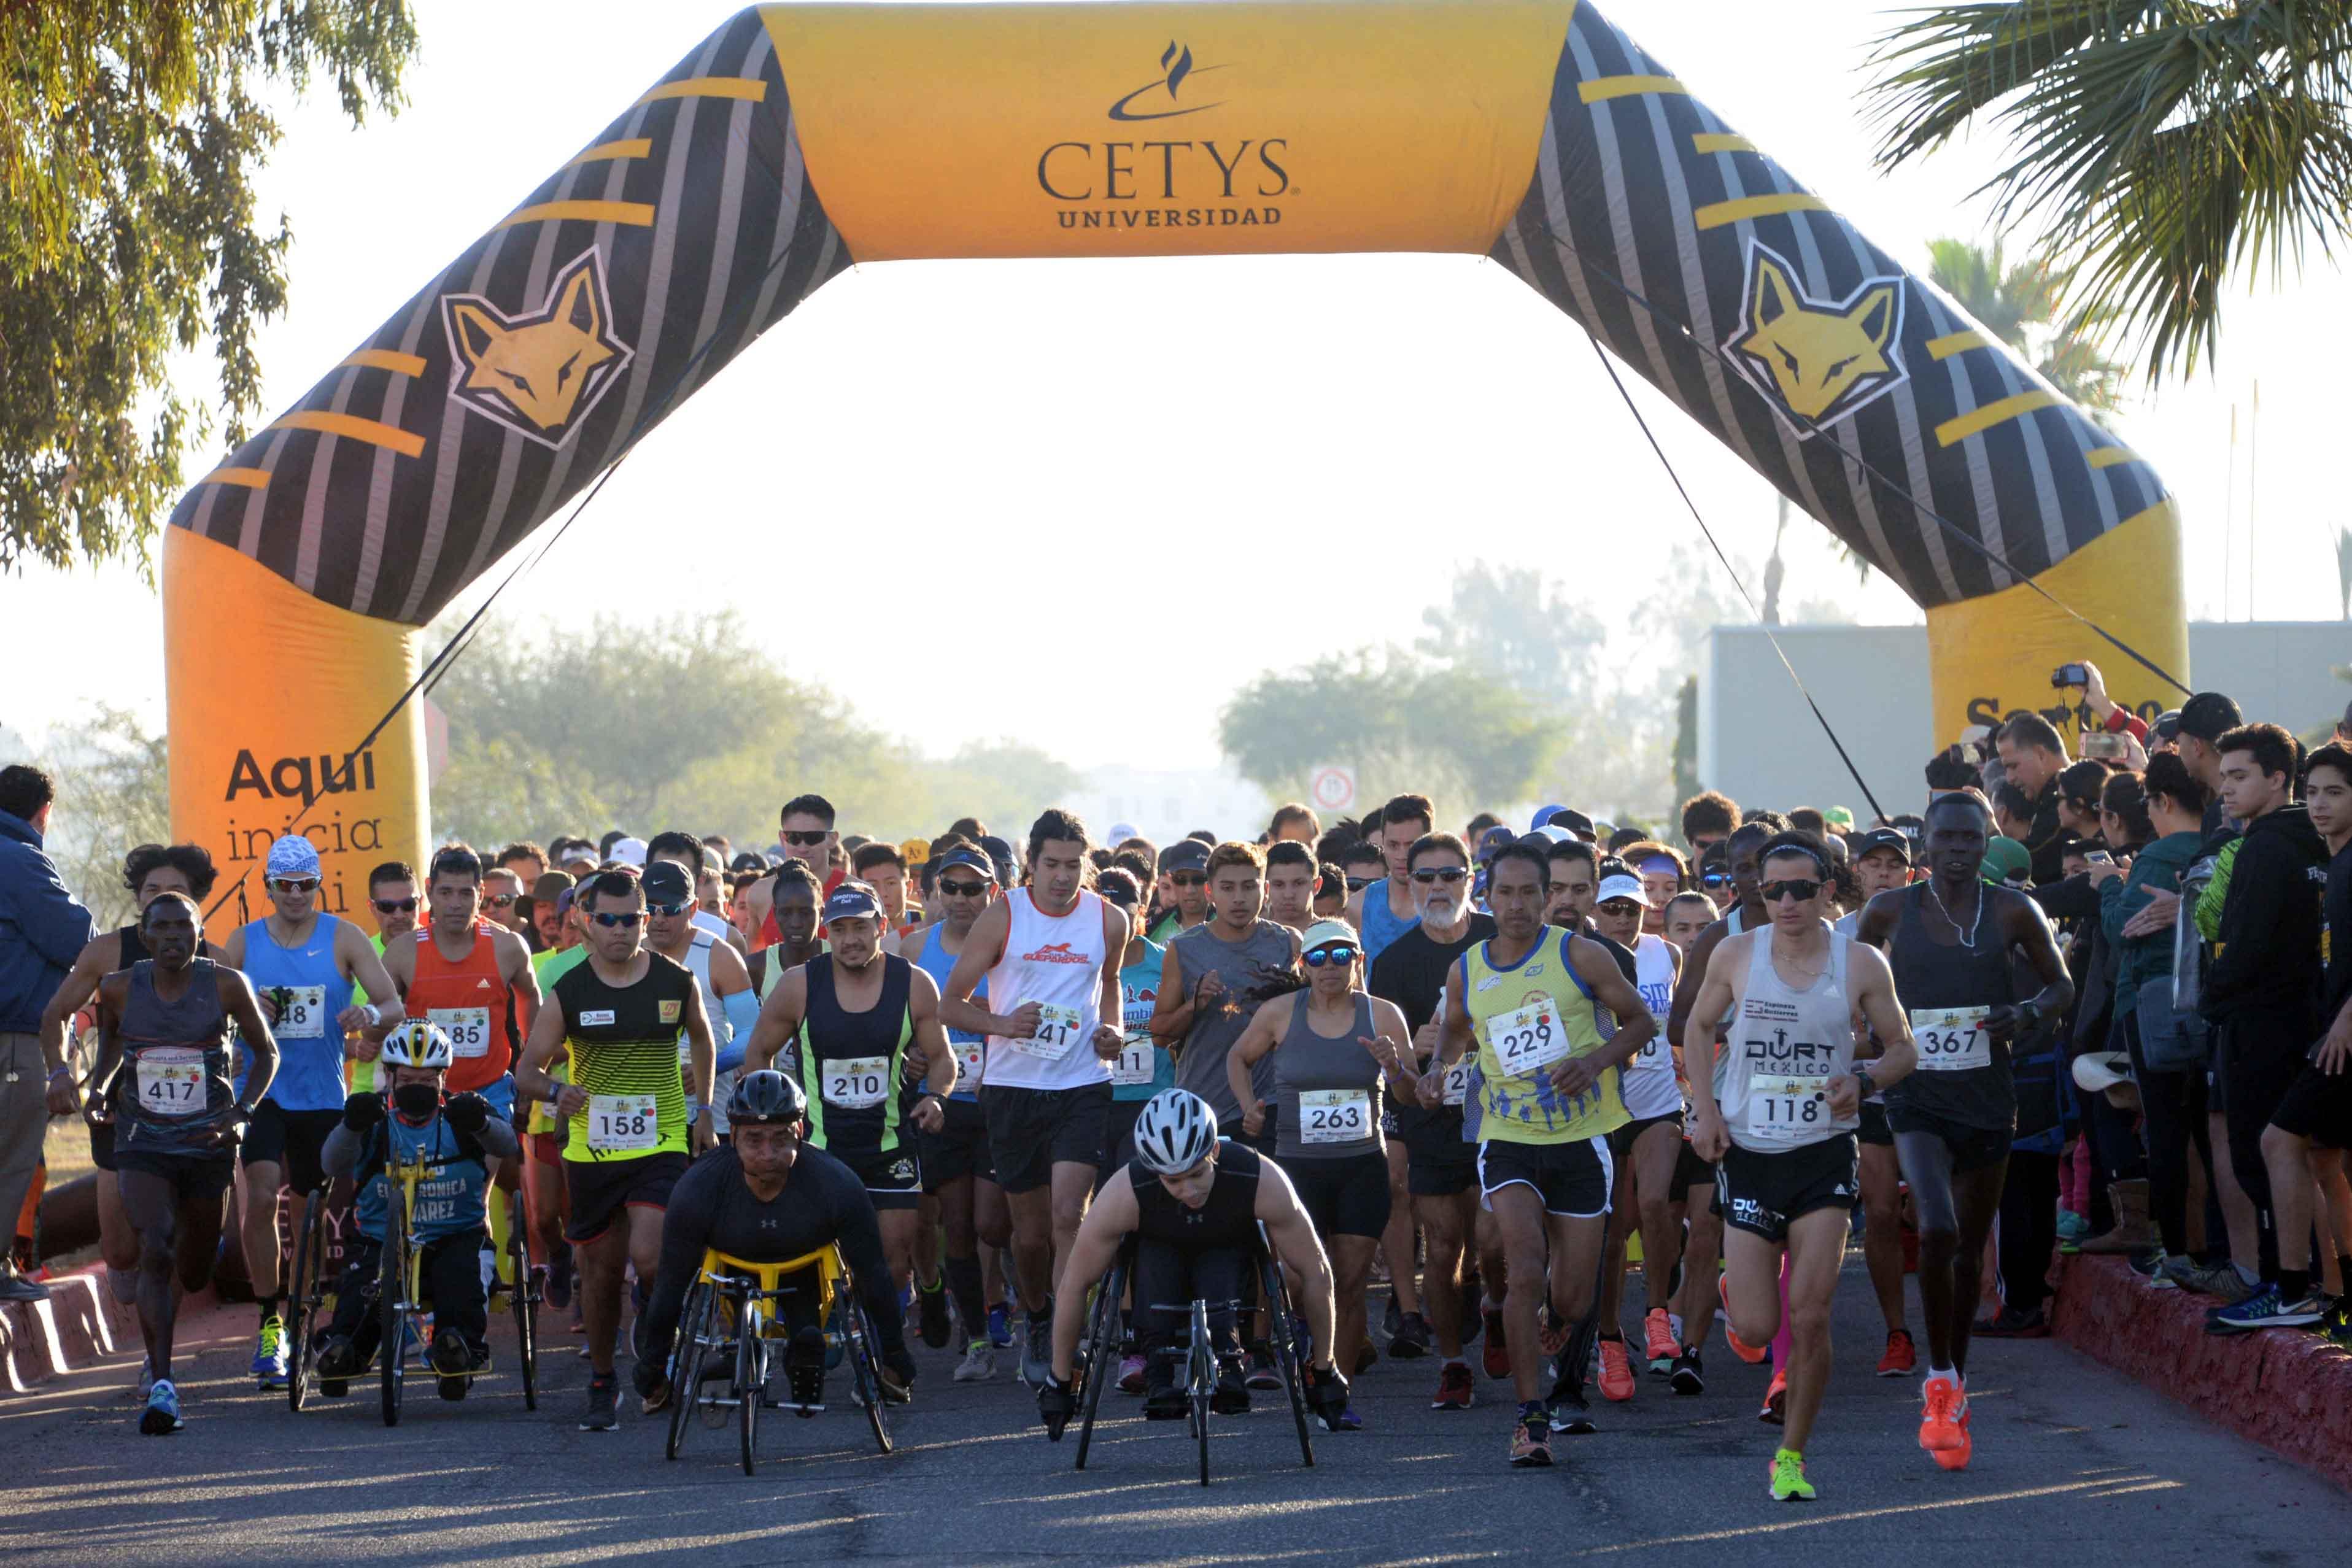 Récord de asistencia en Medio Maratón y Carrera 10K CETYS